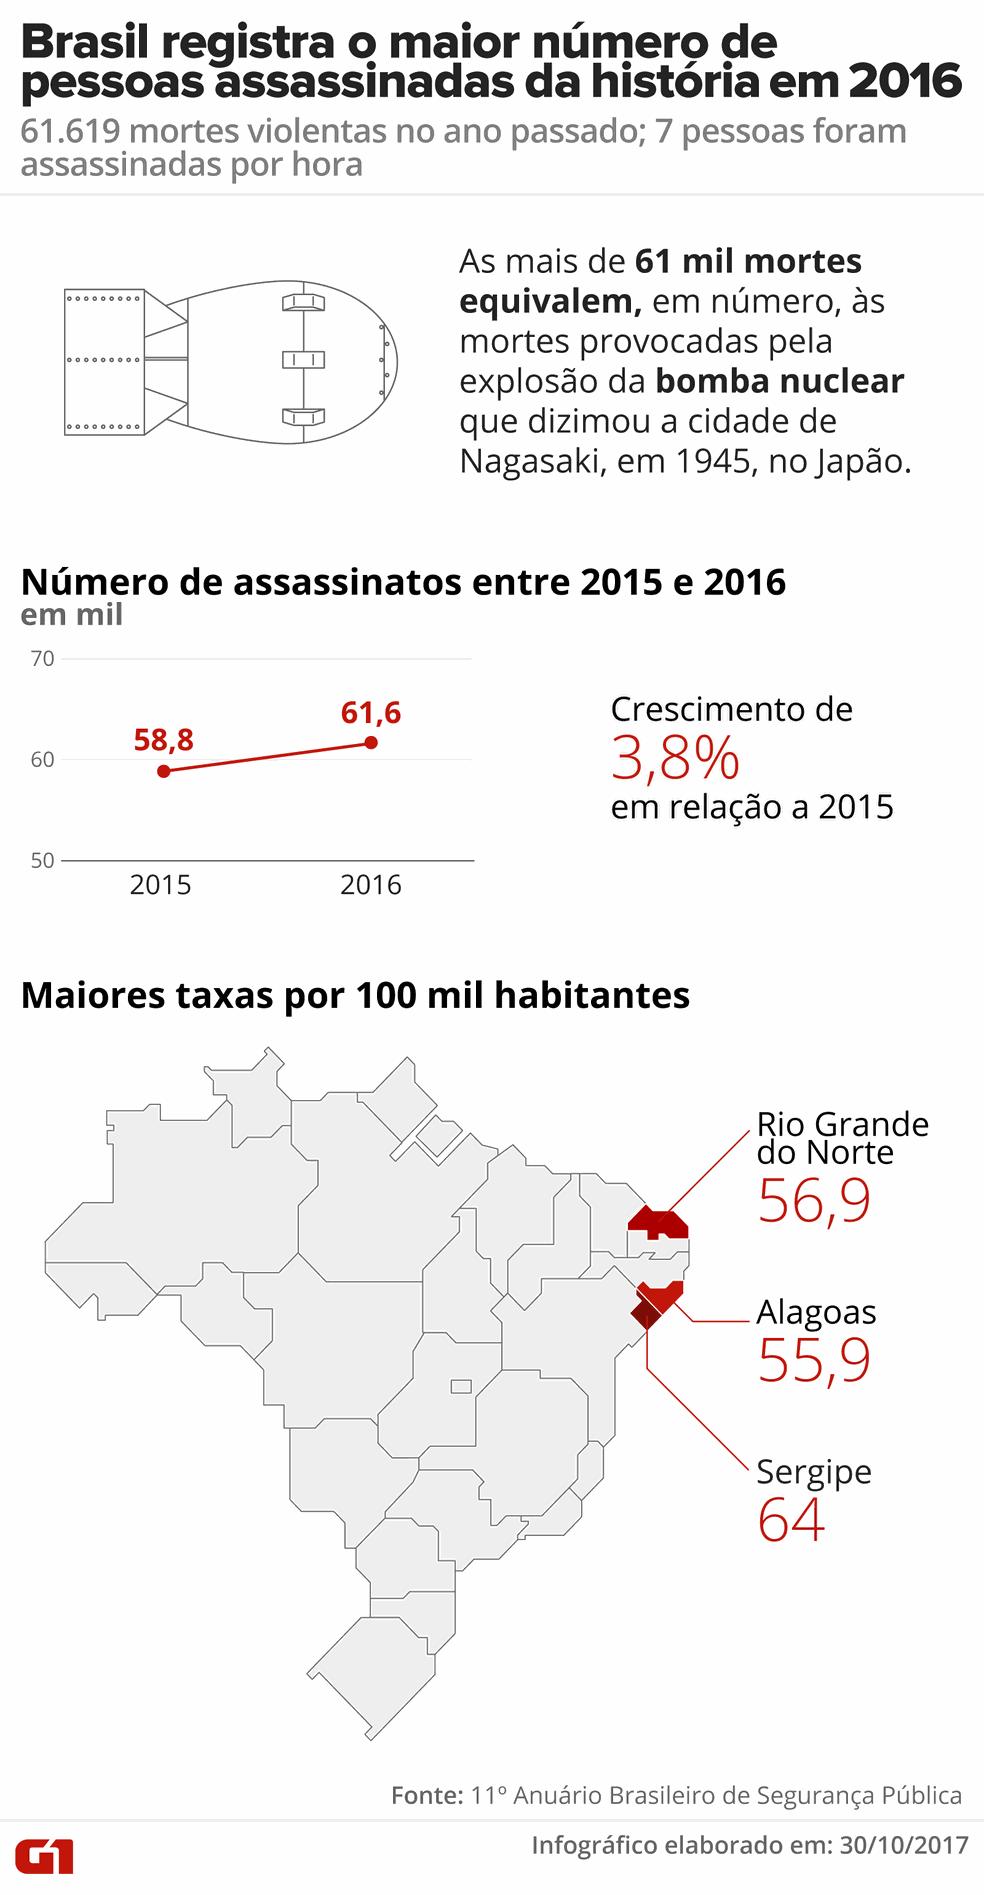 Brasil bate recorde em número de assassinatos em 2016 (Foto: Arte/G1 )